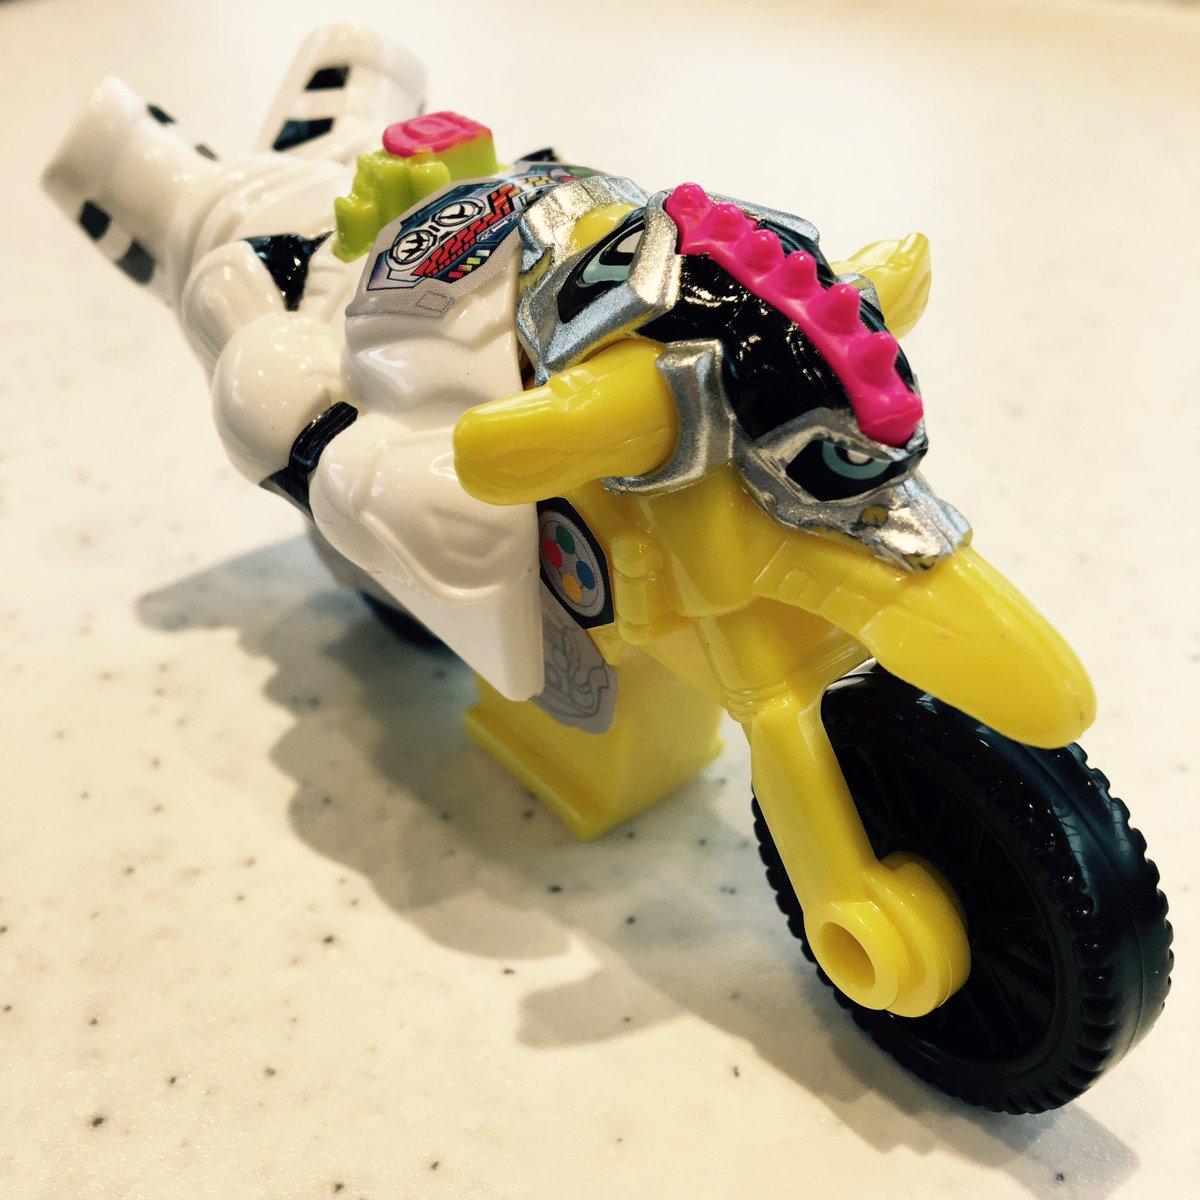 シール貼ってみたよ。進め!爆笑バイク!